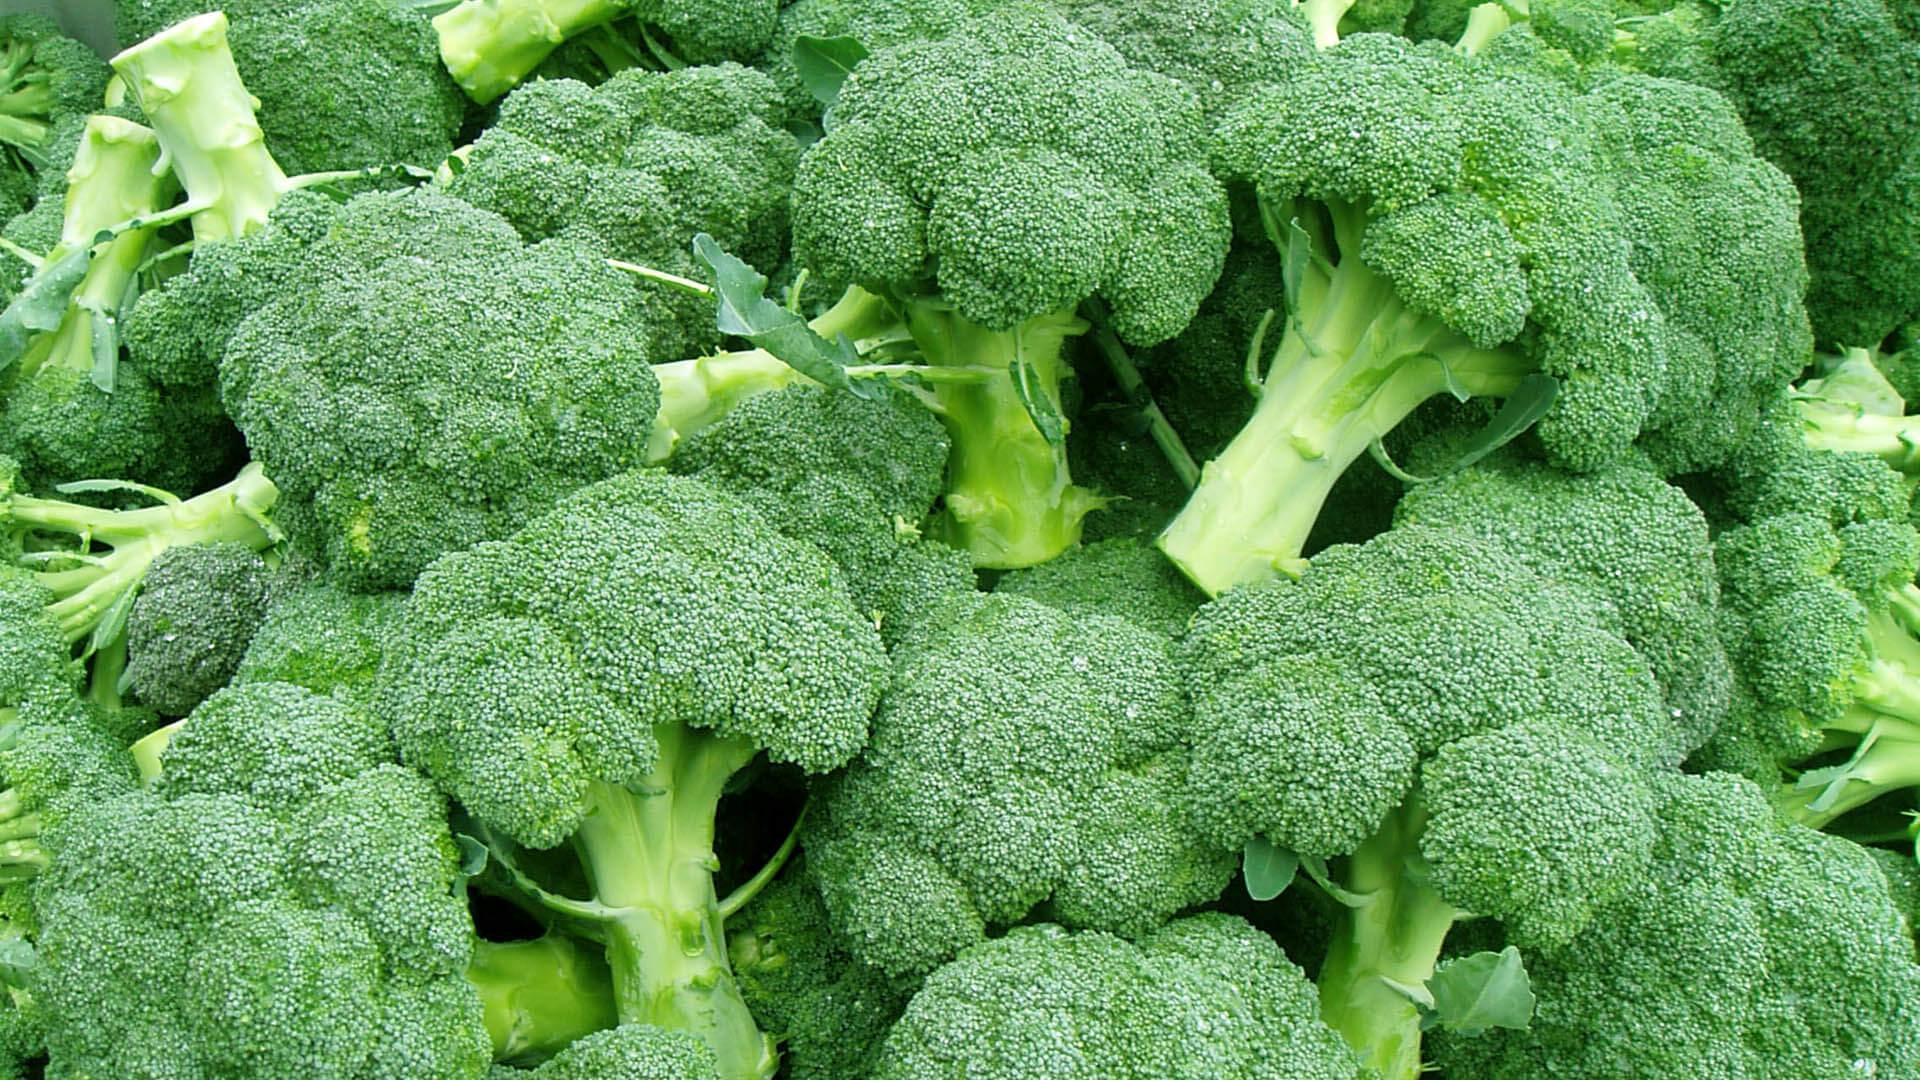 O Caminho Certo Para Comer Brócolis: Aprenda Como Preparar Corretamente!